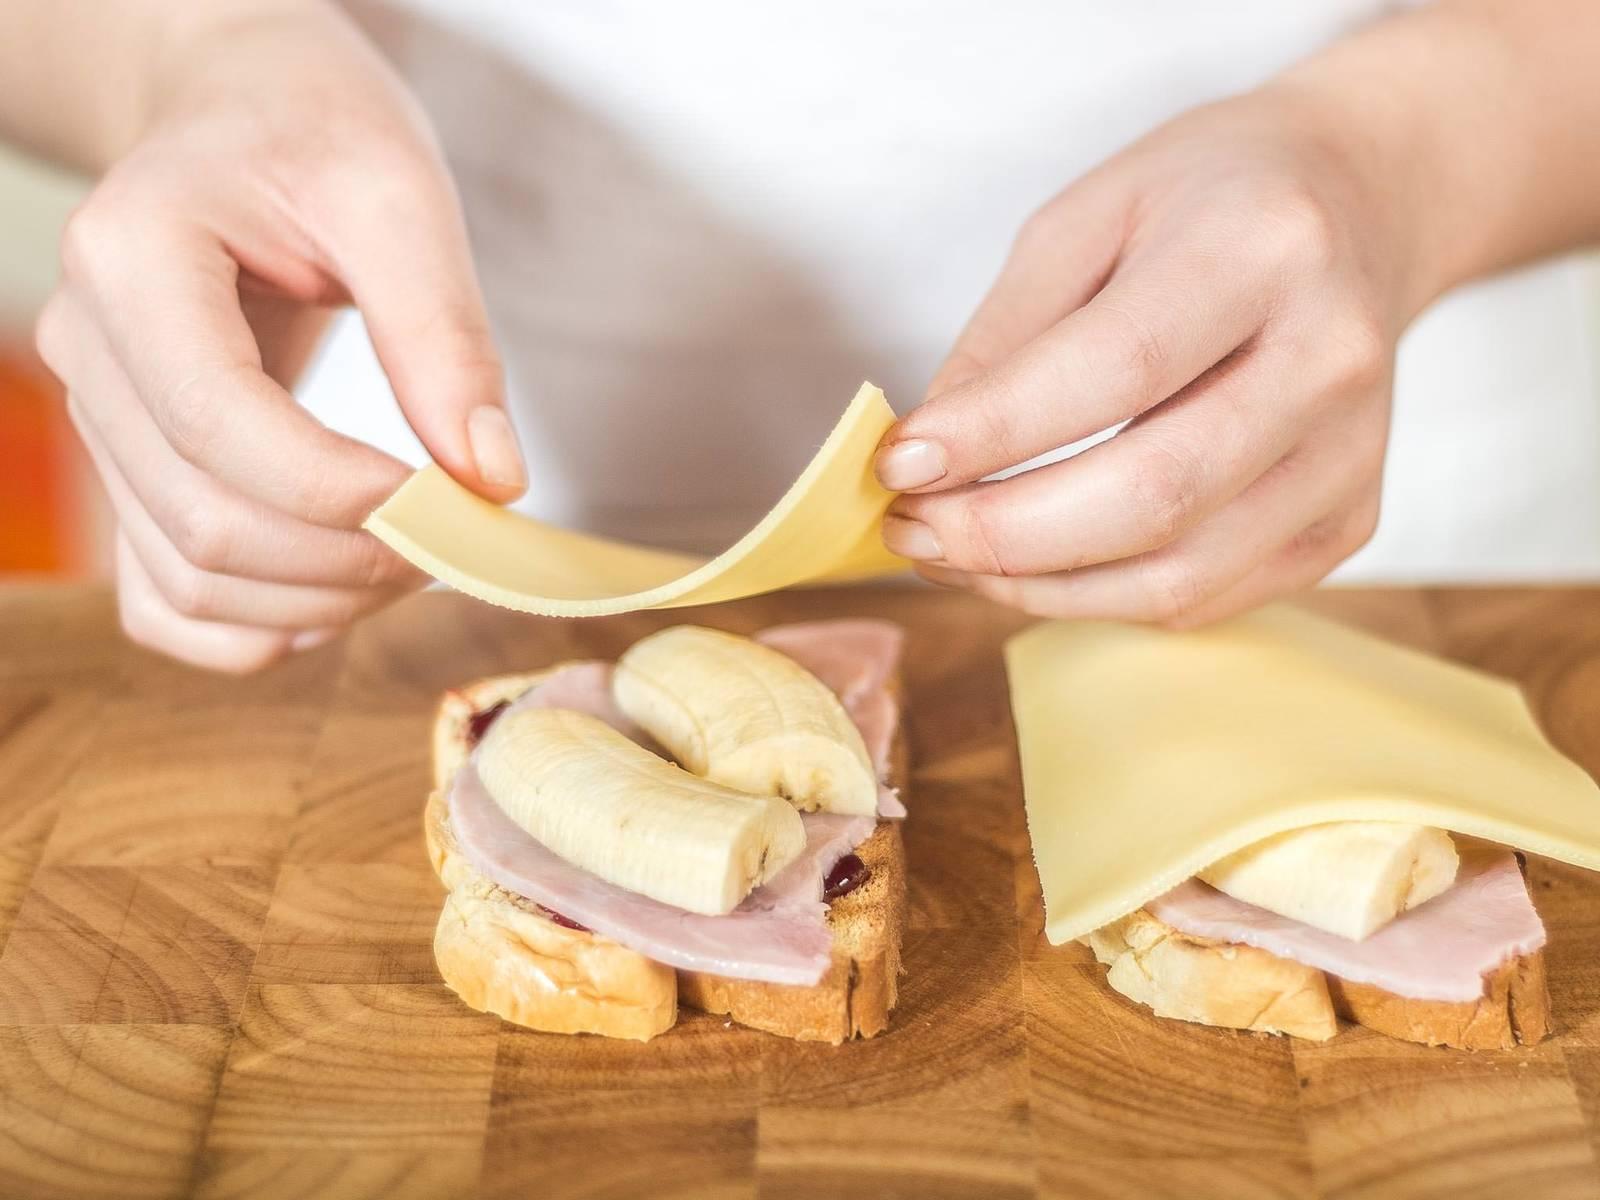 然后在面包片上依次放上火腿、香蕉和奶酪。